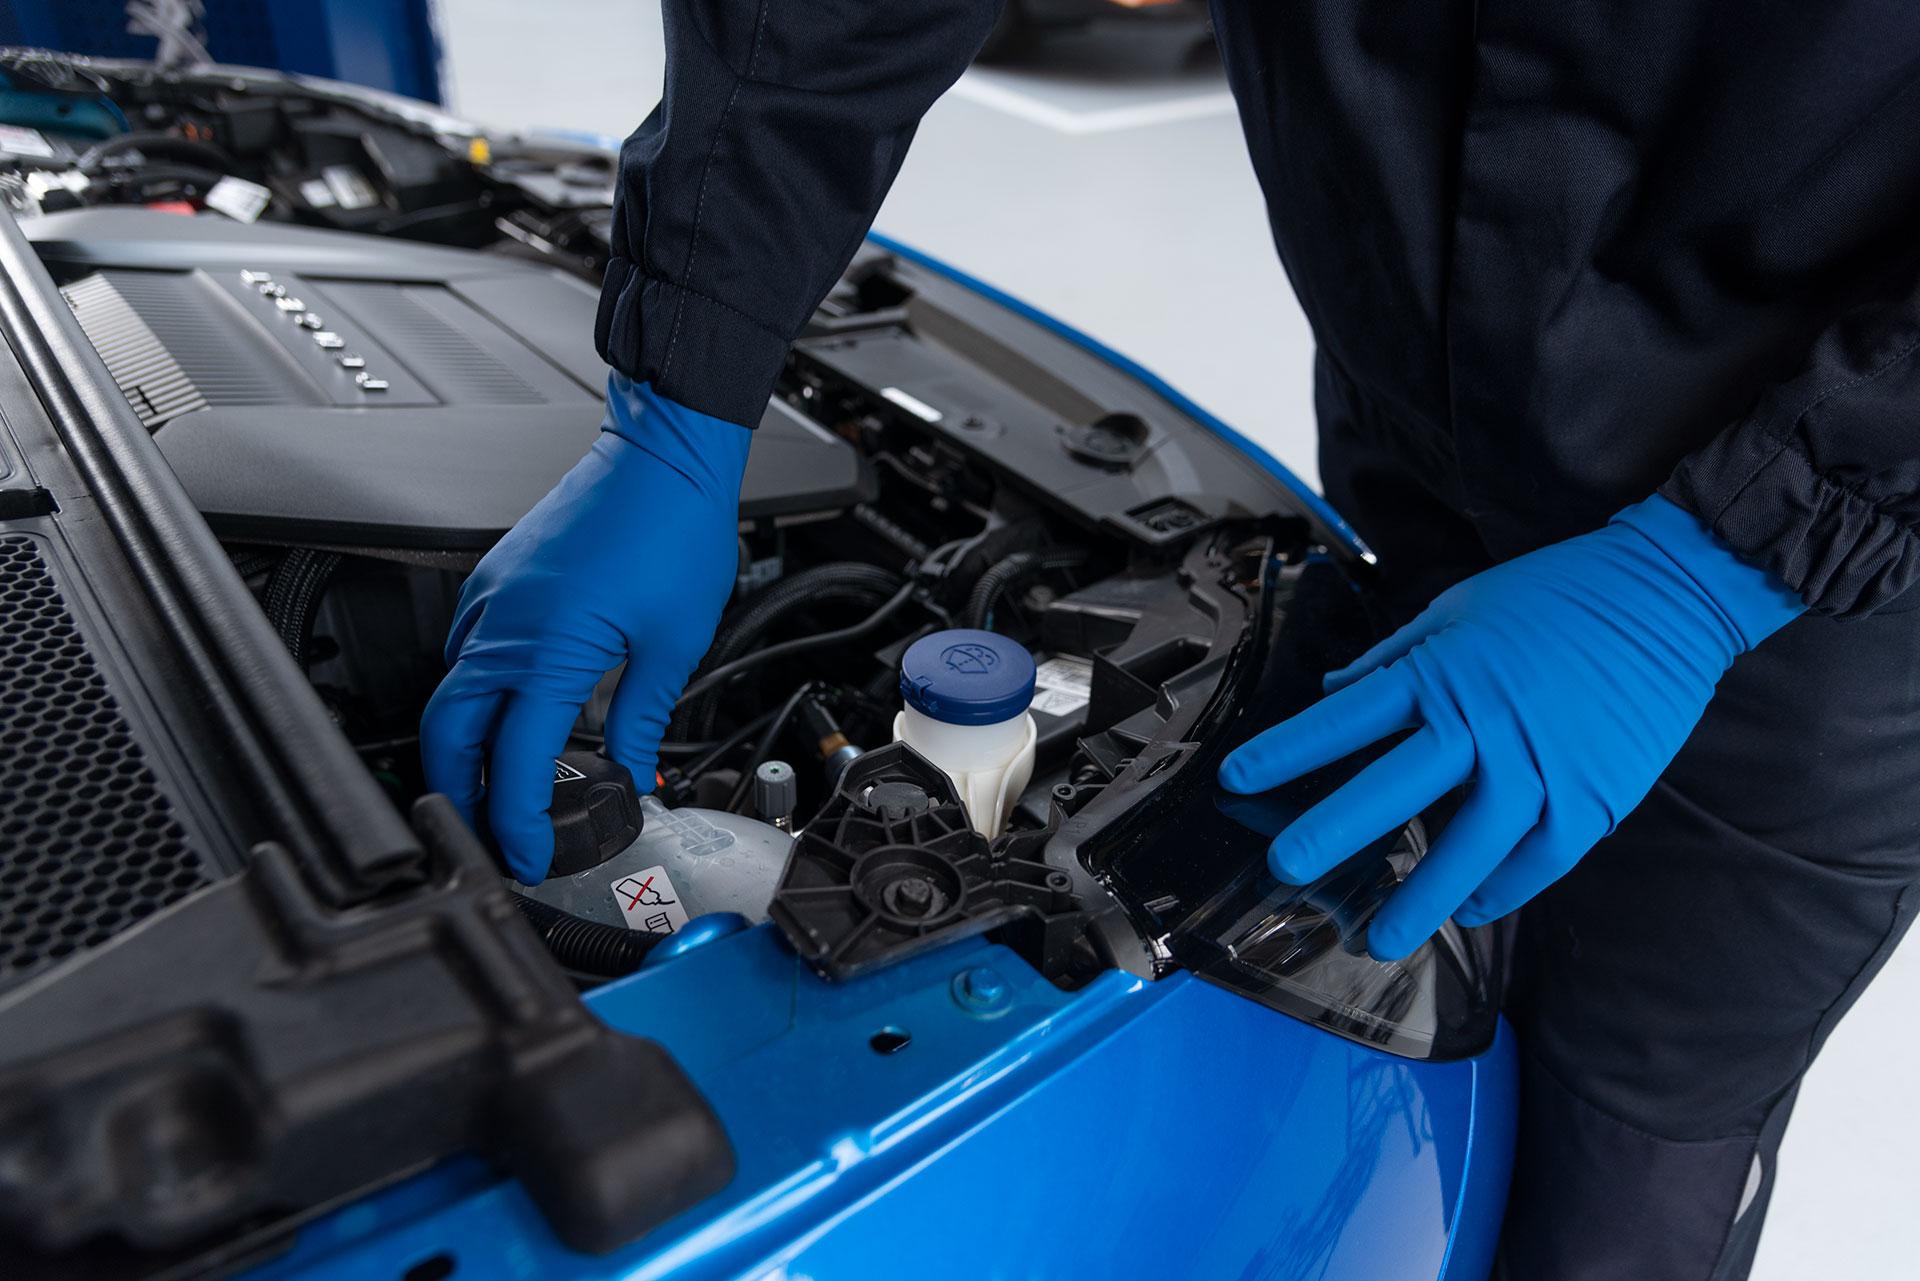 Chăm sóc 'xế yêu' siêu thuận tiện với chương trình Peugeot Mobile Service